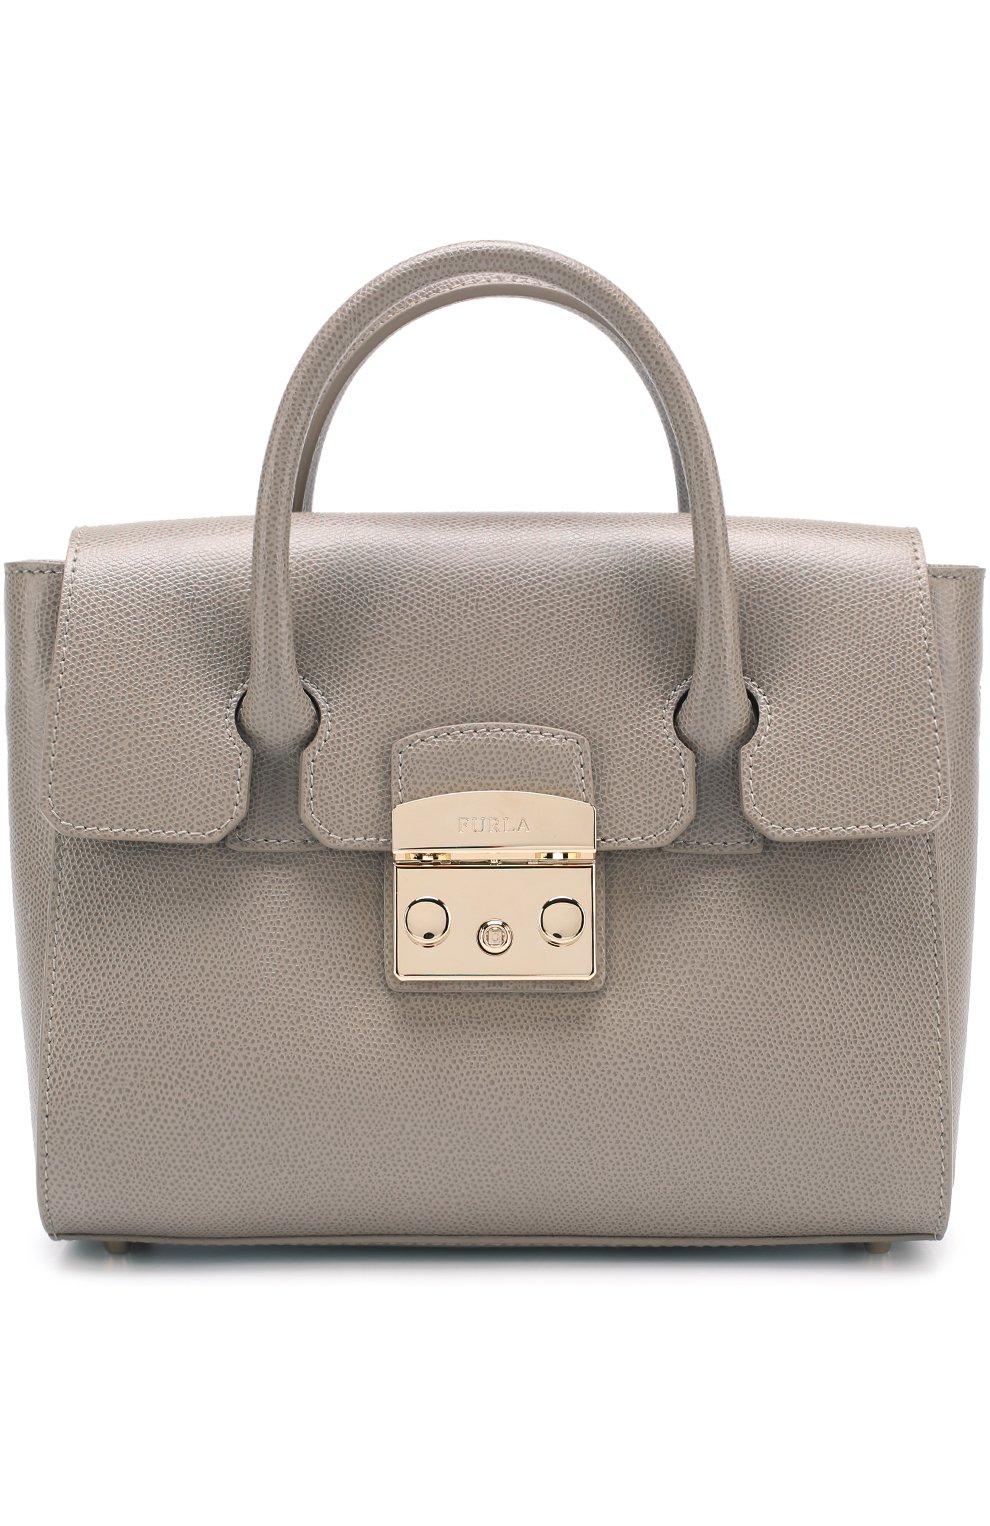 Женская сумка-тоут metropolis FURLA серого цвета — купить за 29000 ... 5628caa3e5f